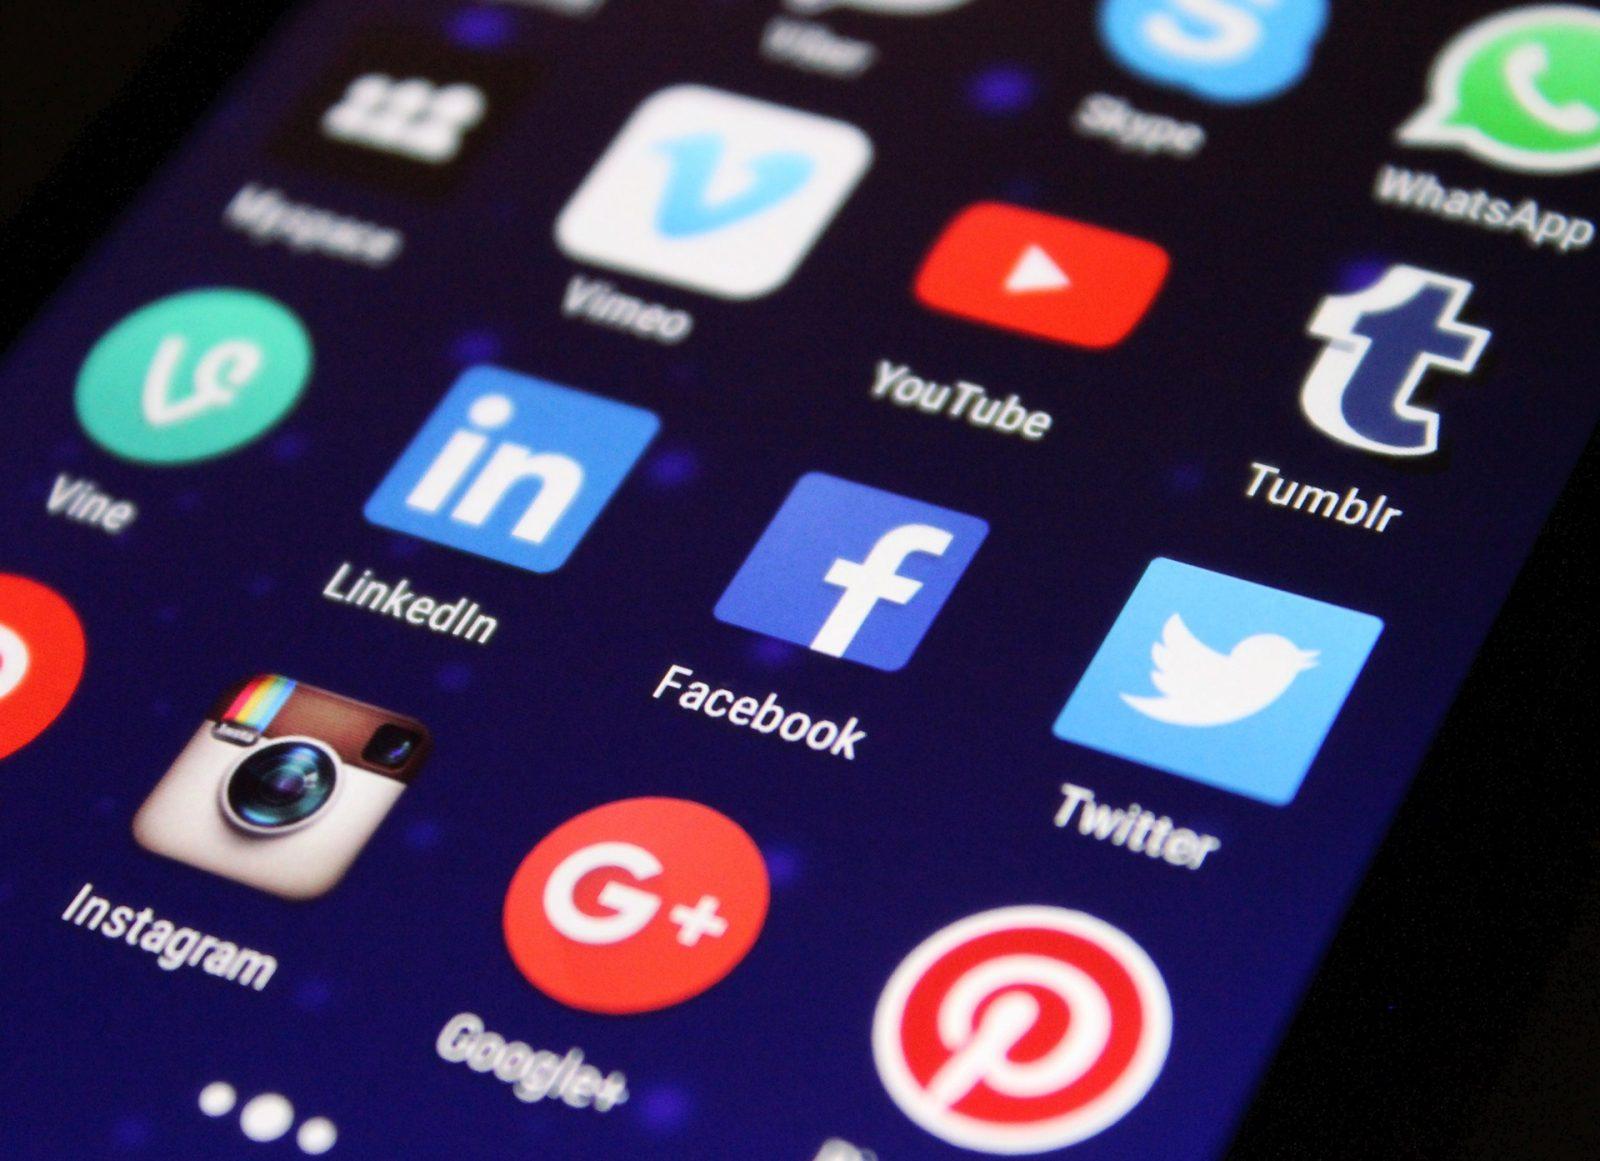 Sollte man Social-Media-Kanäle von CEO-Gründern kontrollieren?